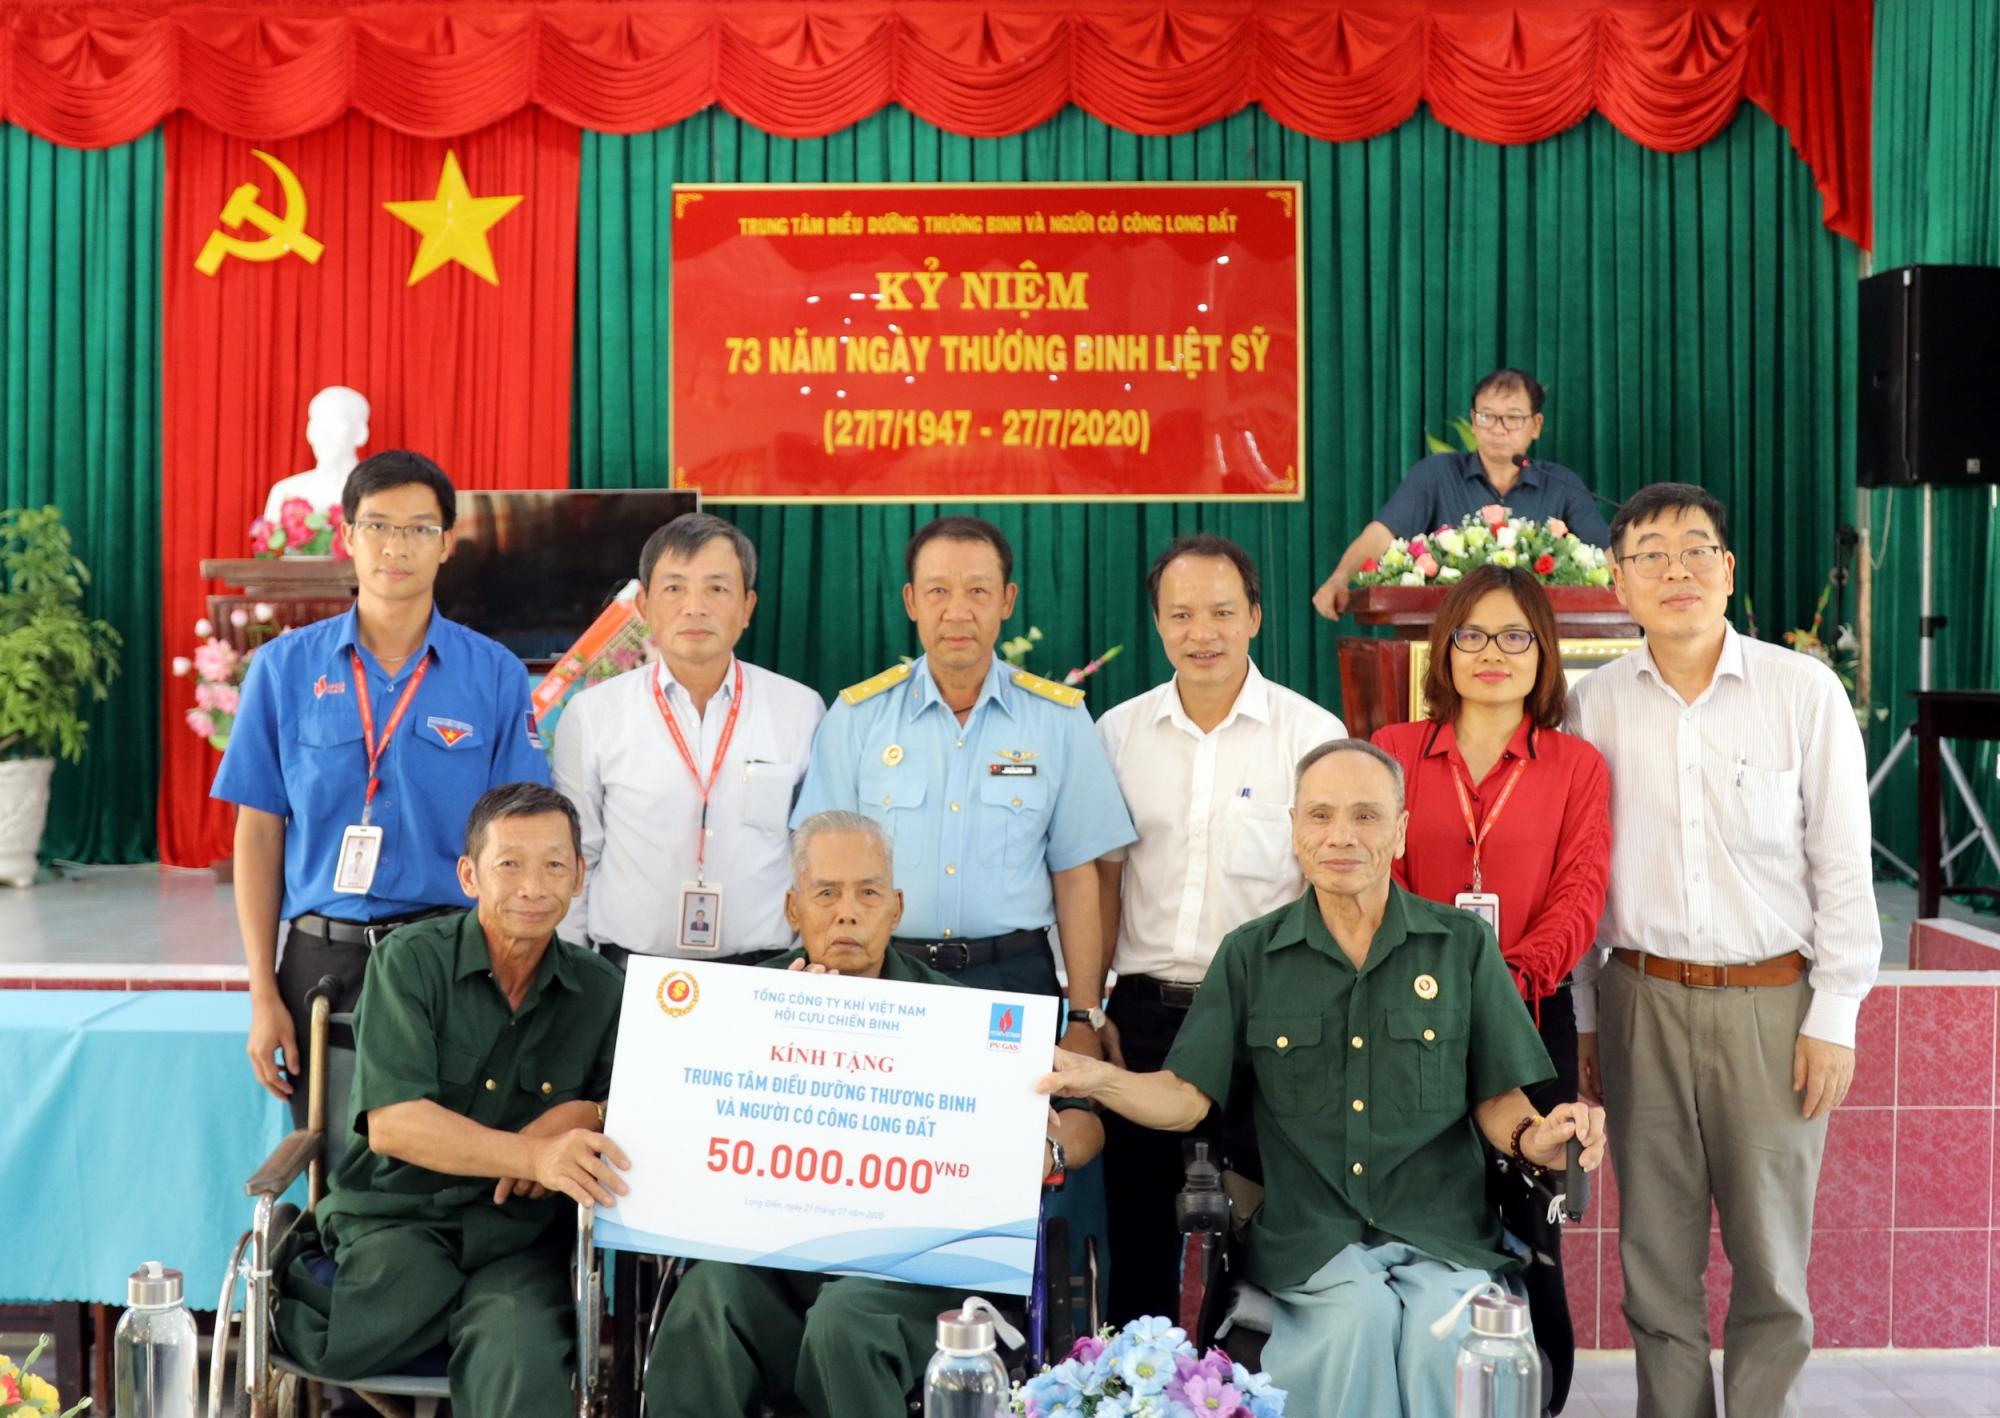 PV GAS tổ chức nhiều hoạt động kỷ niệm ngày Thương binh Liệt sỹ